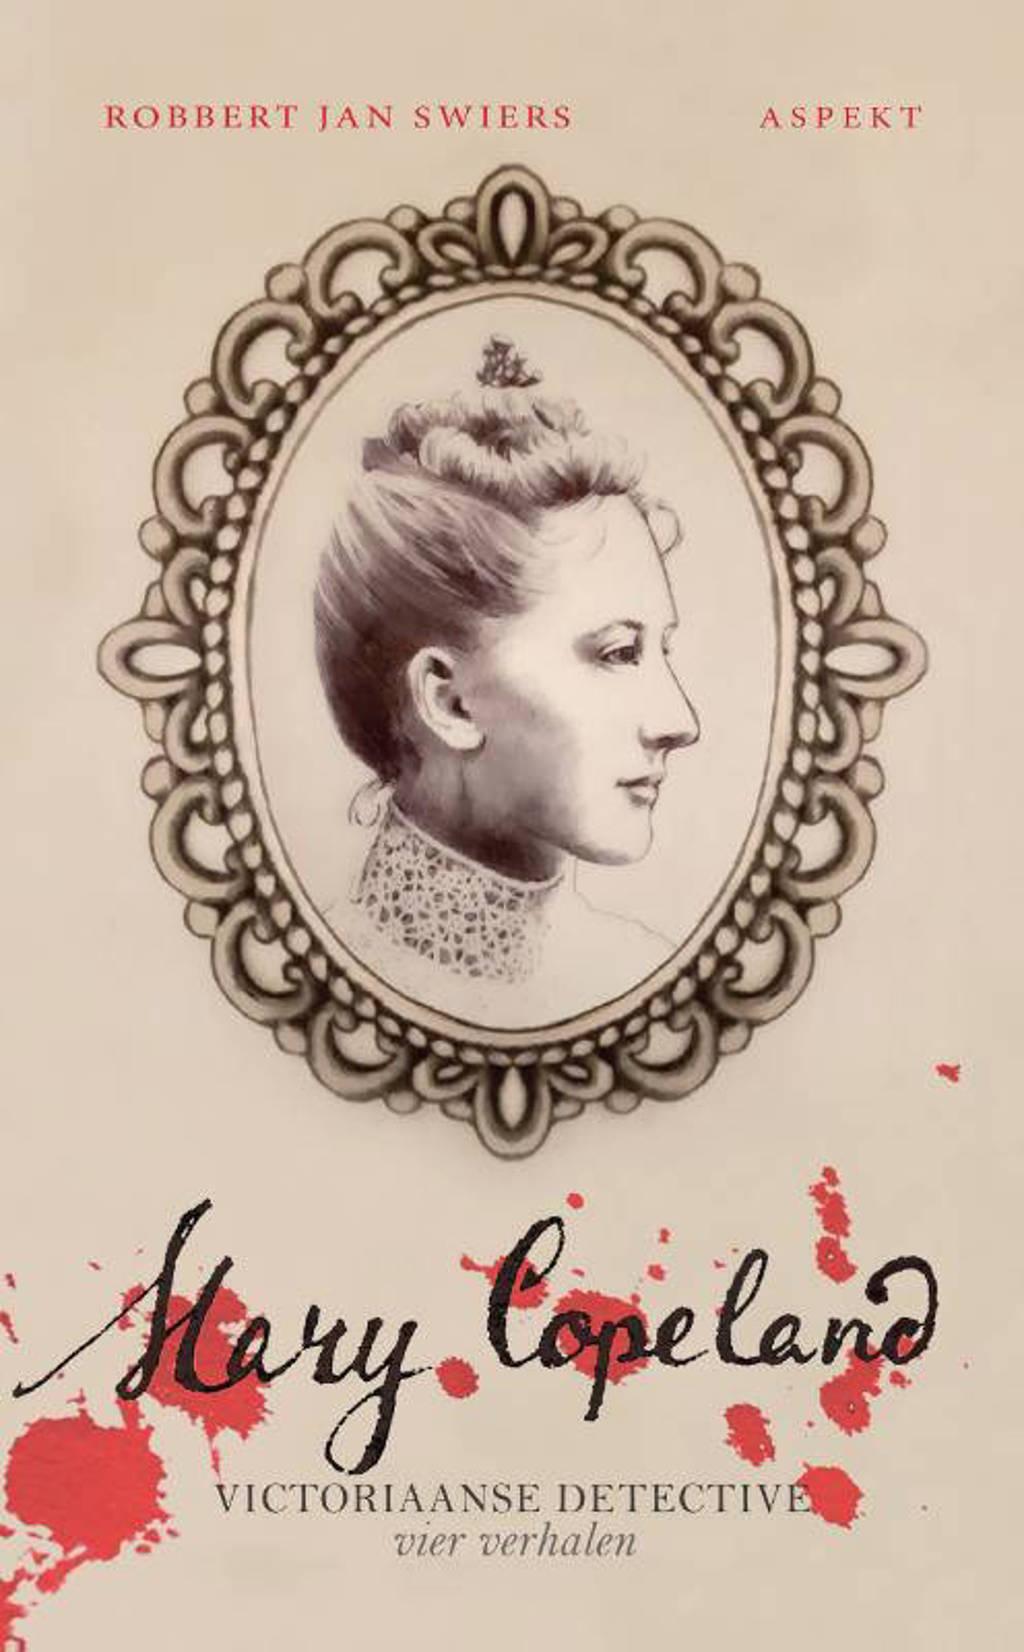 Mary Copeland - Robbert Jan Swiers